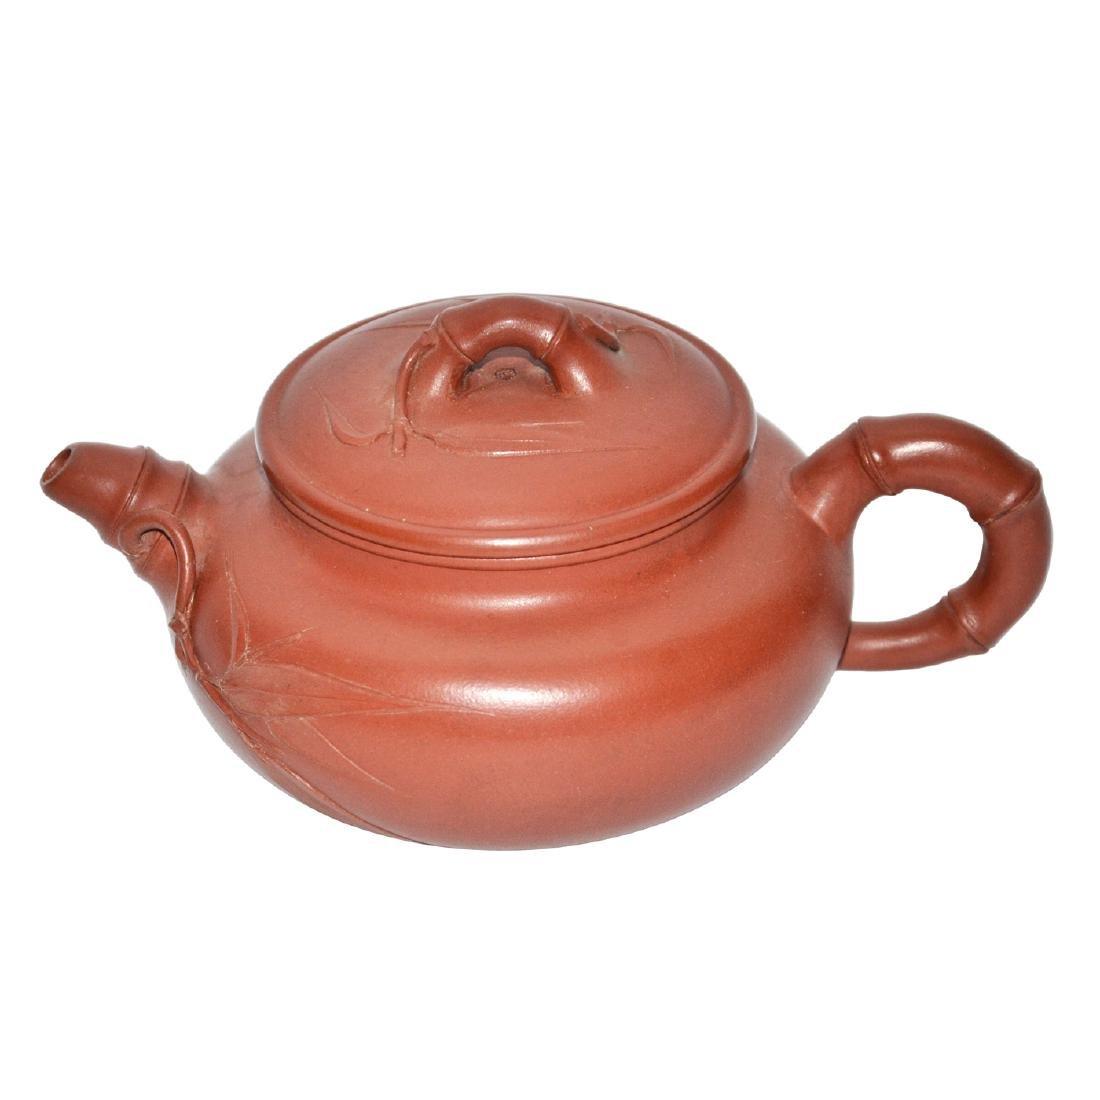 Jiang Rong, Zisha Teapot Carved with Bamboo